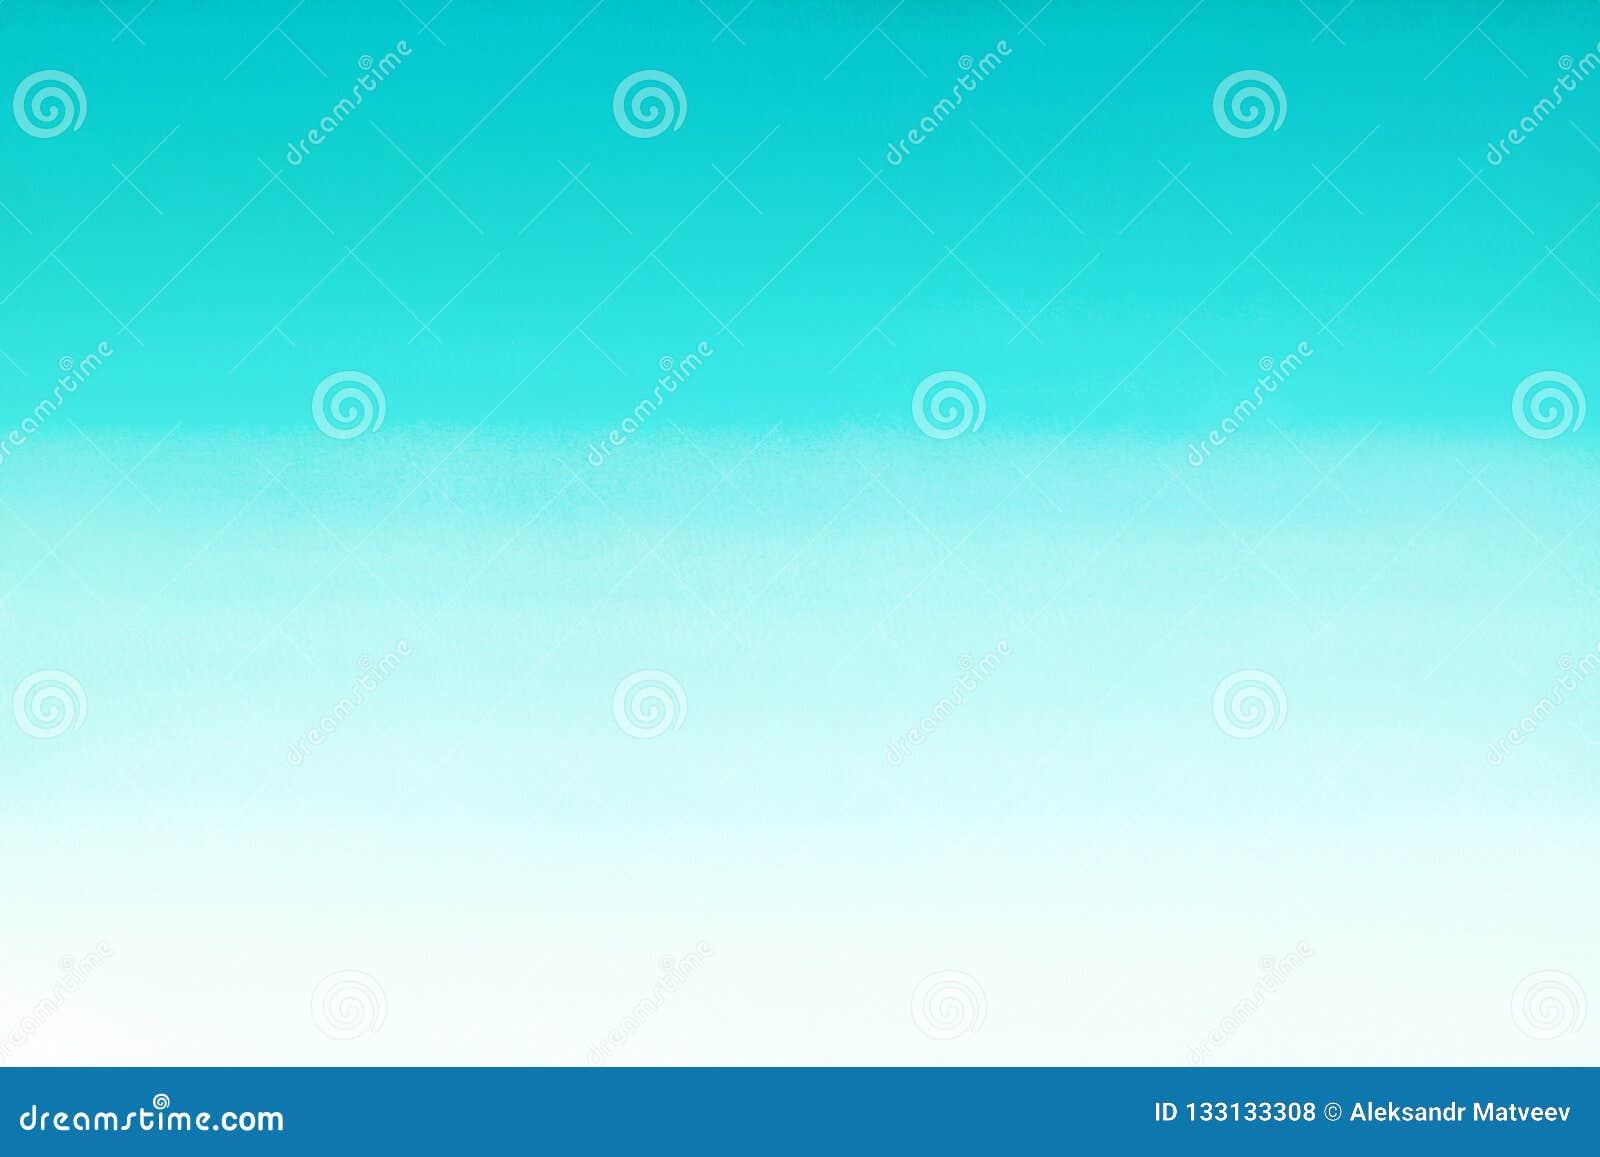 Море океана или небесно-голубая лазурная предпосылка градиента конспекта акварели бирюзы Горизонтальное заполнение градиента wate